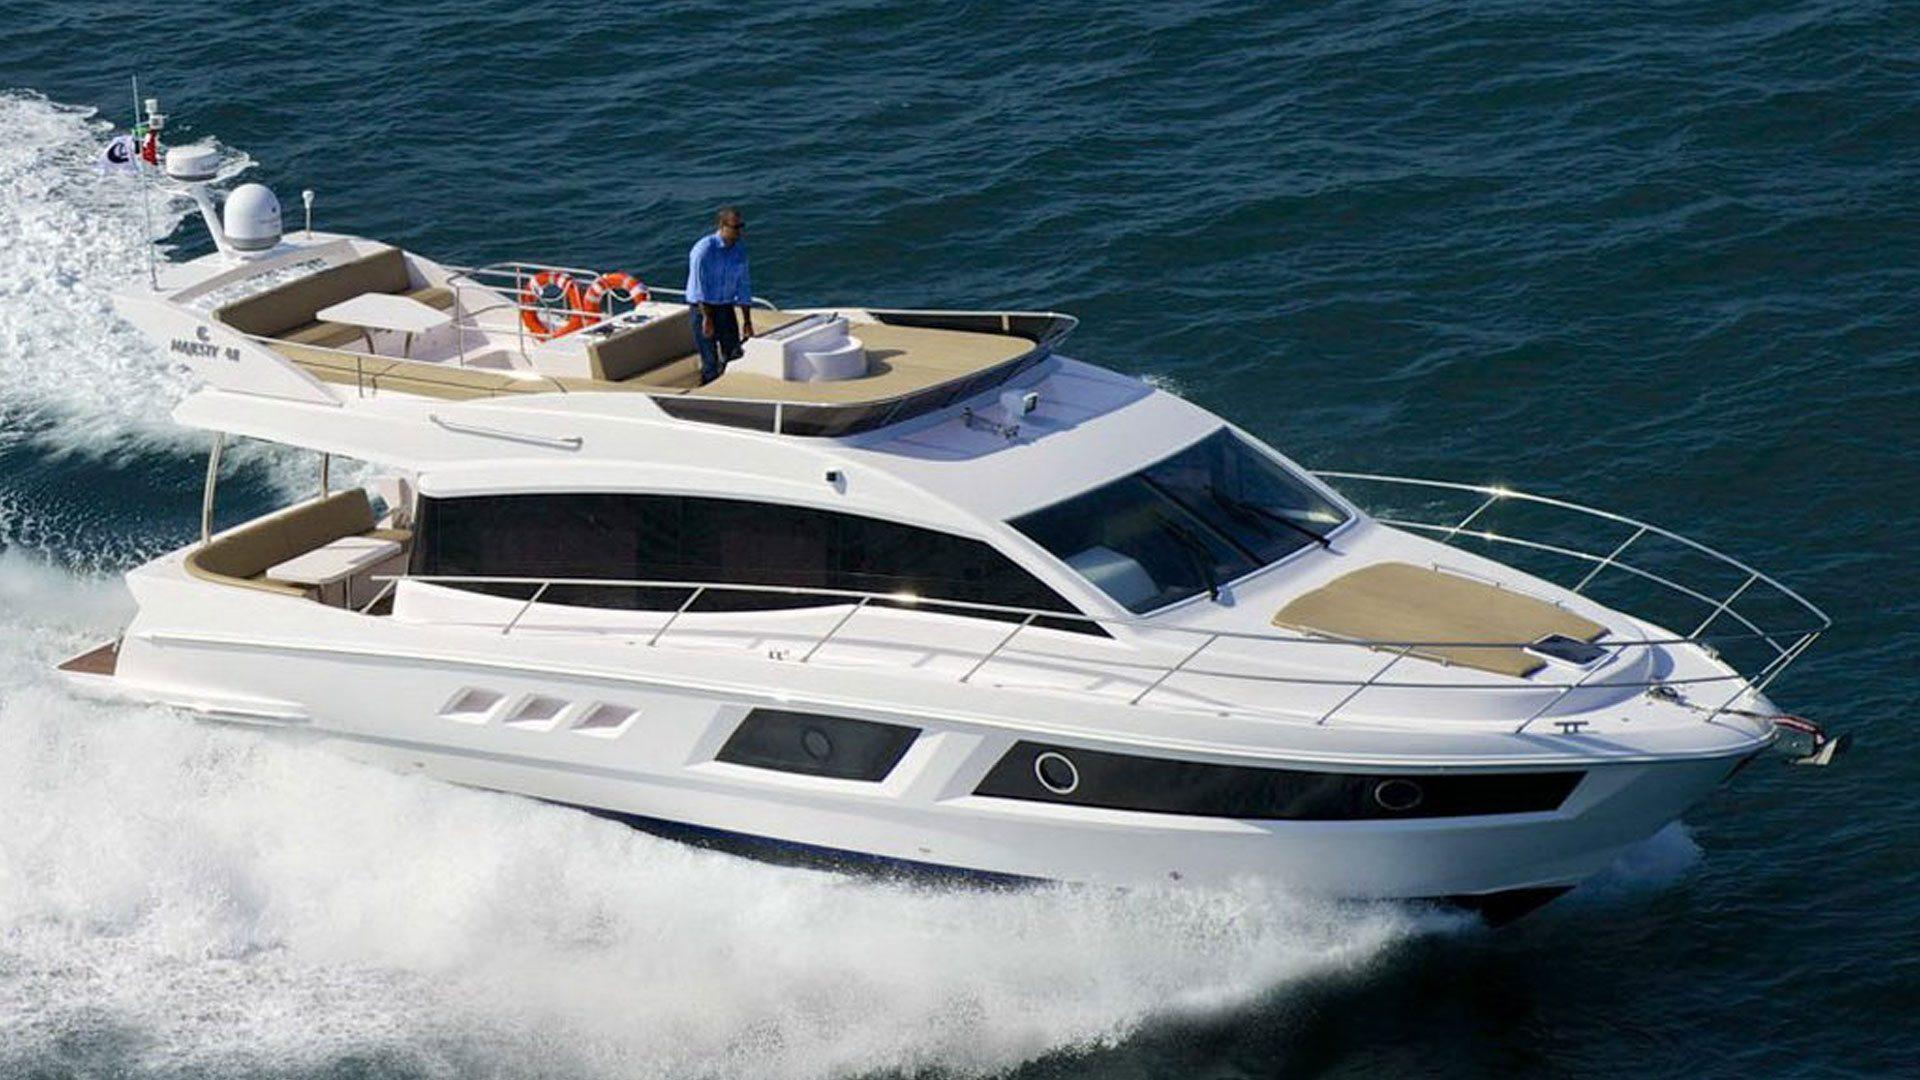 Majesty 48 - Majesty Yachts by - Drettmann Yachts